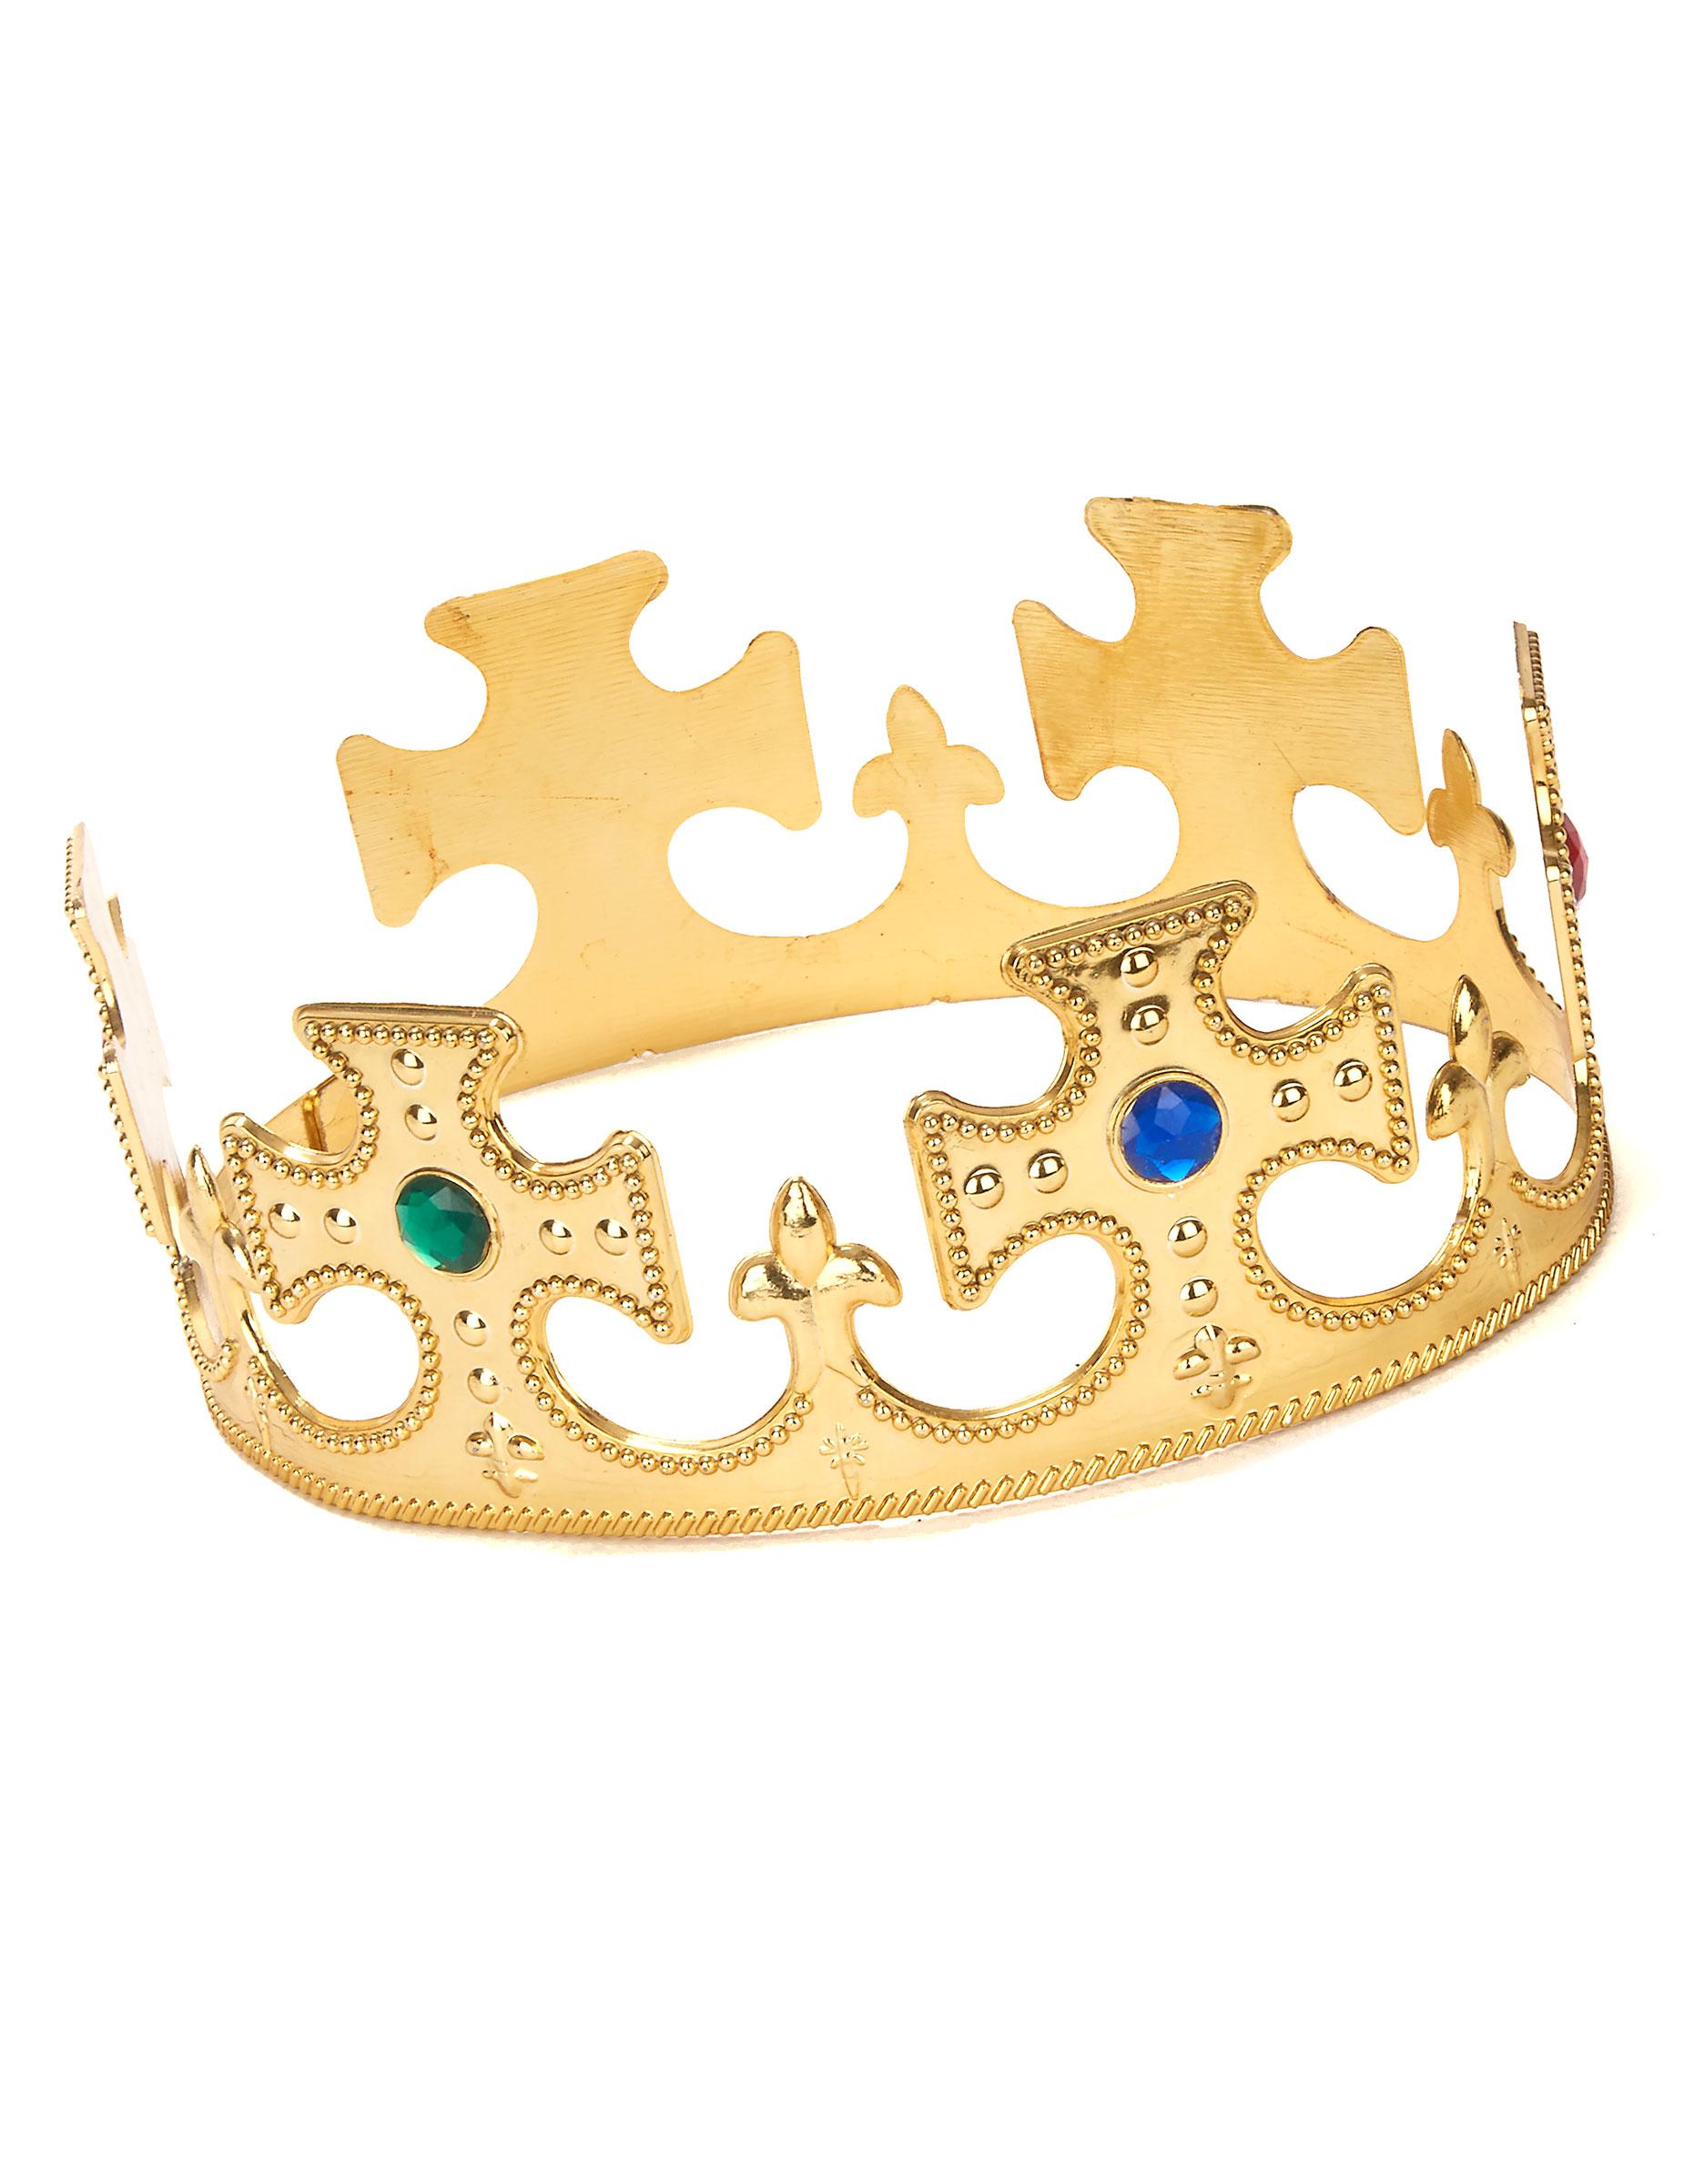 Königs-Krone mit Schmucksteinen gold , günstige Faschings ...